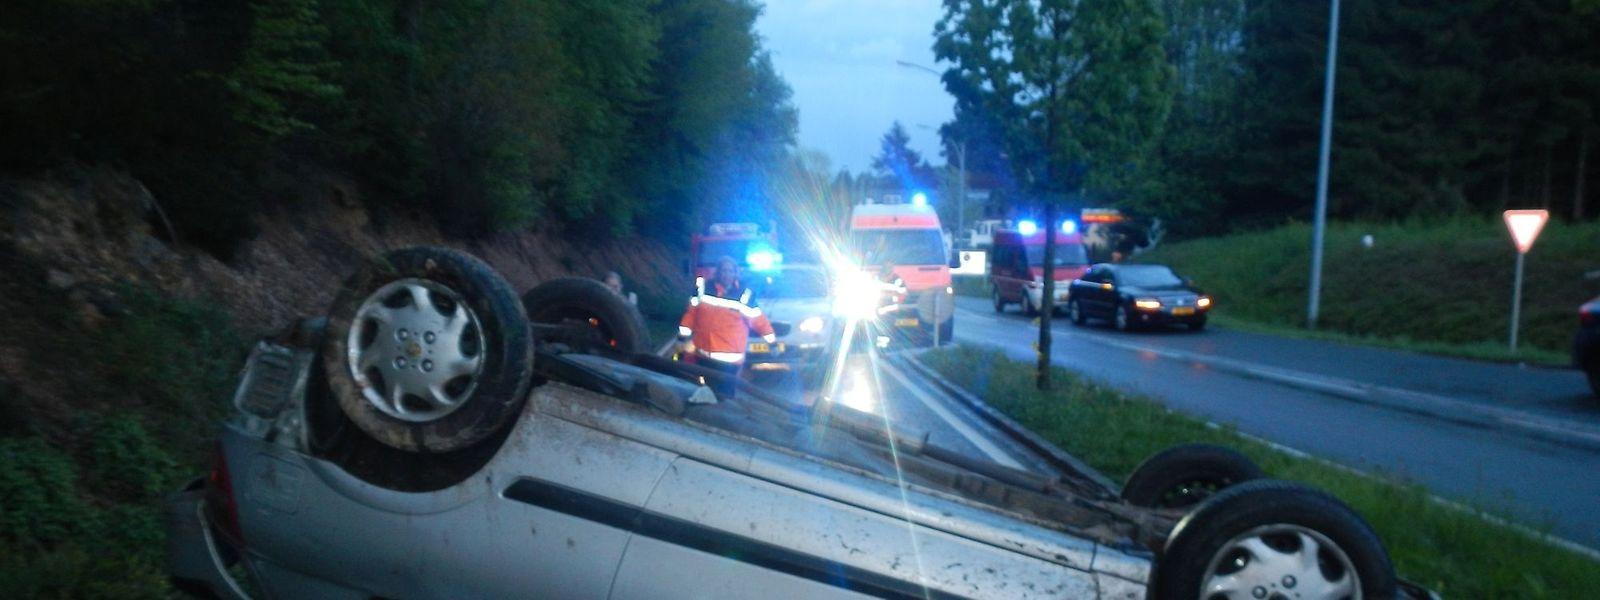 Der Unfall ereignete sich auf der N7 zwischen Huldingen und Wemperhardt.